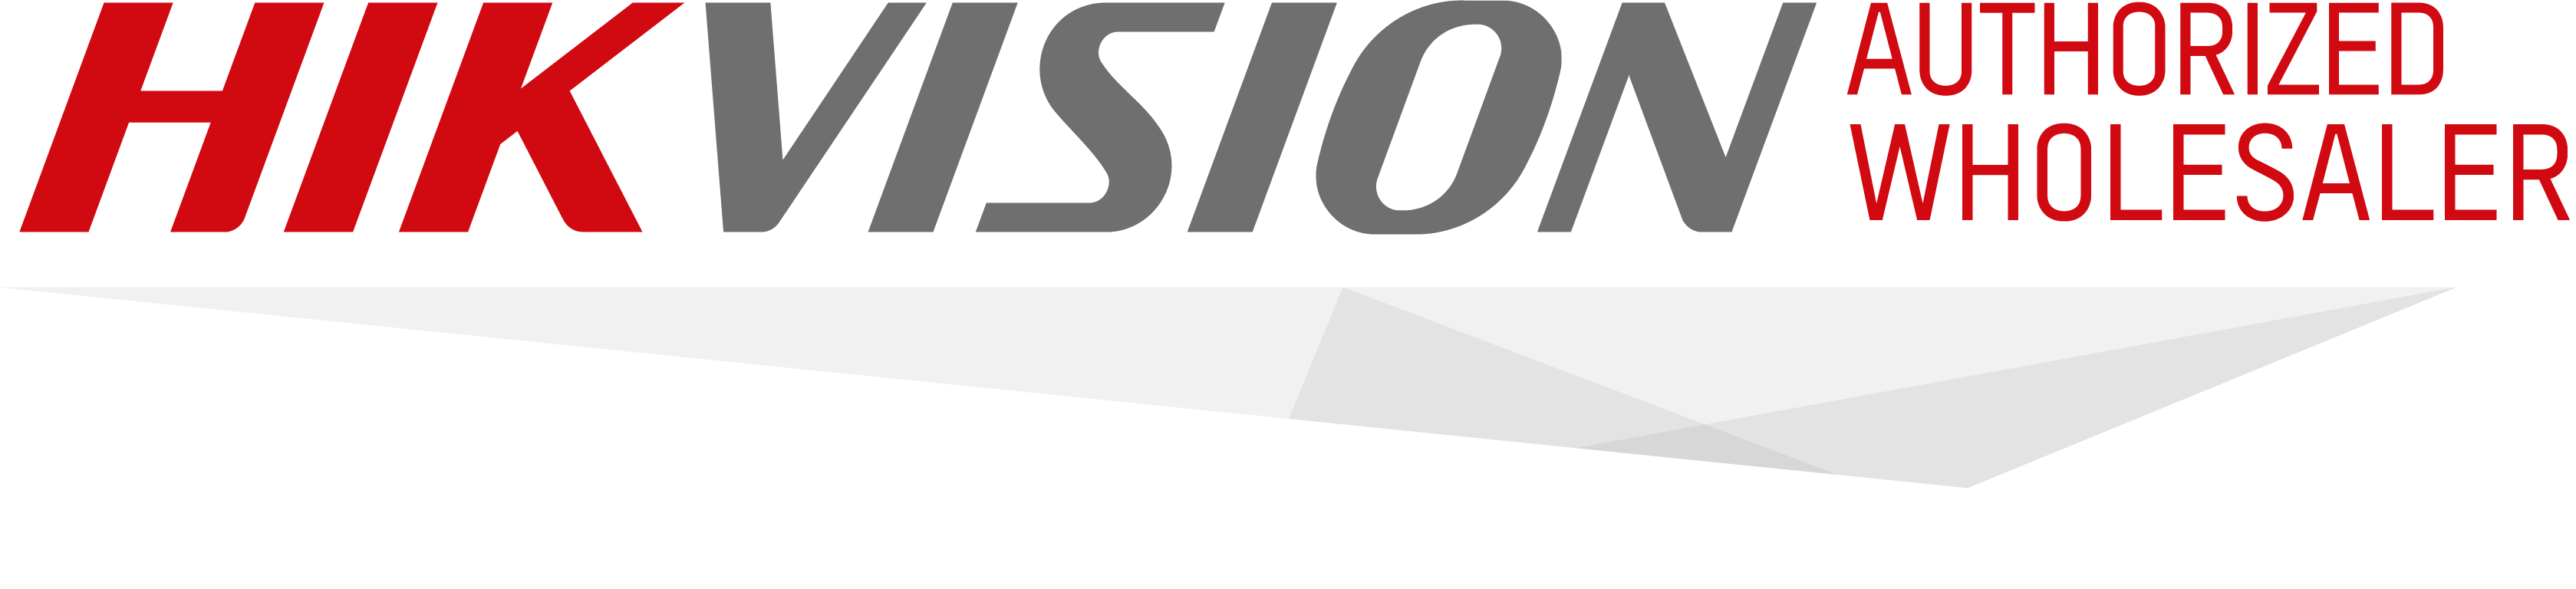 hikvision-authorized-wholesaler